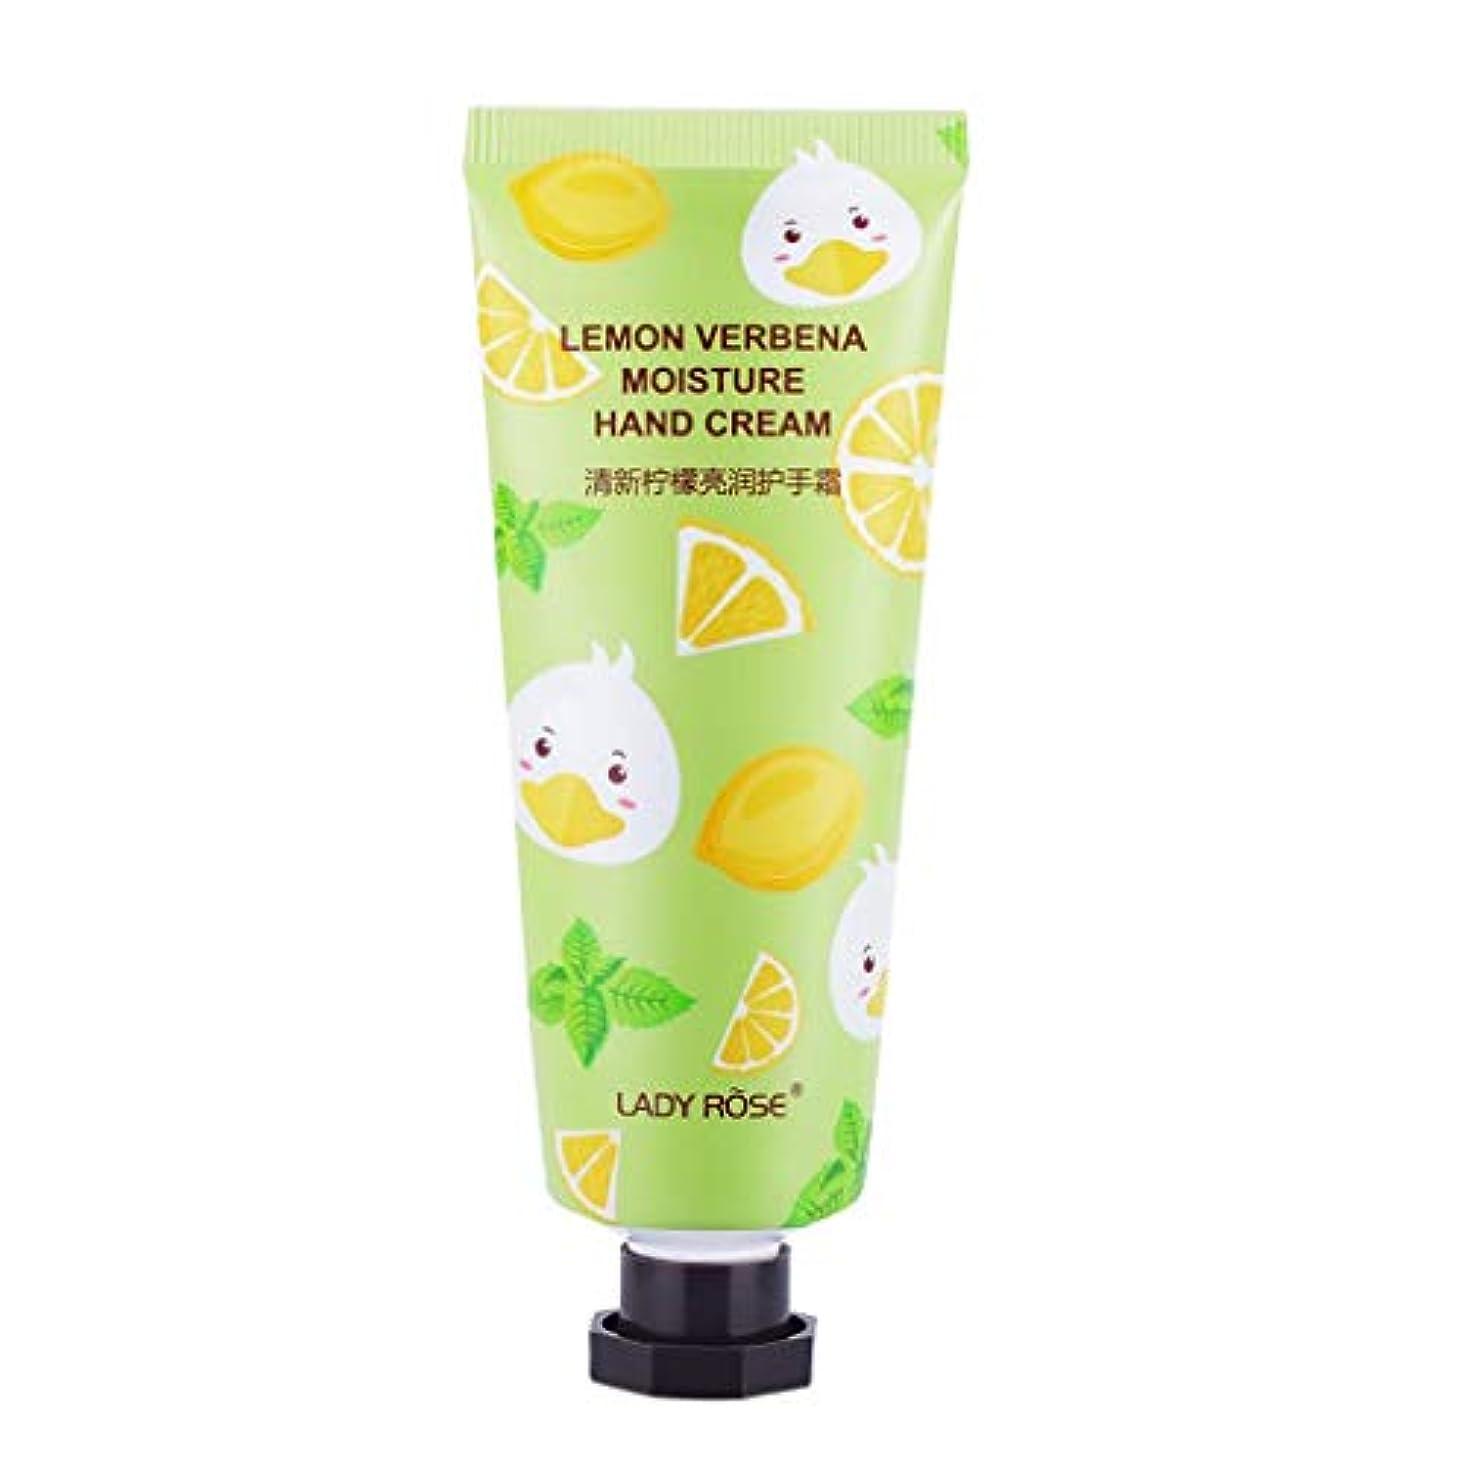 効率的にコーチ終わったハンドクリーム 保湿 ローション 潤い スキンケア ハンドローション 3タイプ選べ - レモン